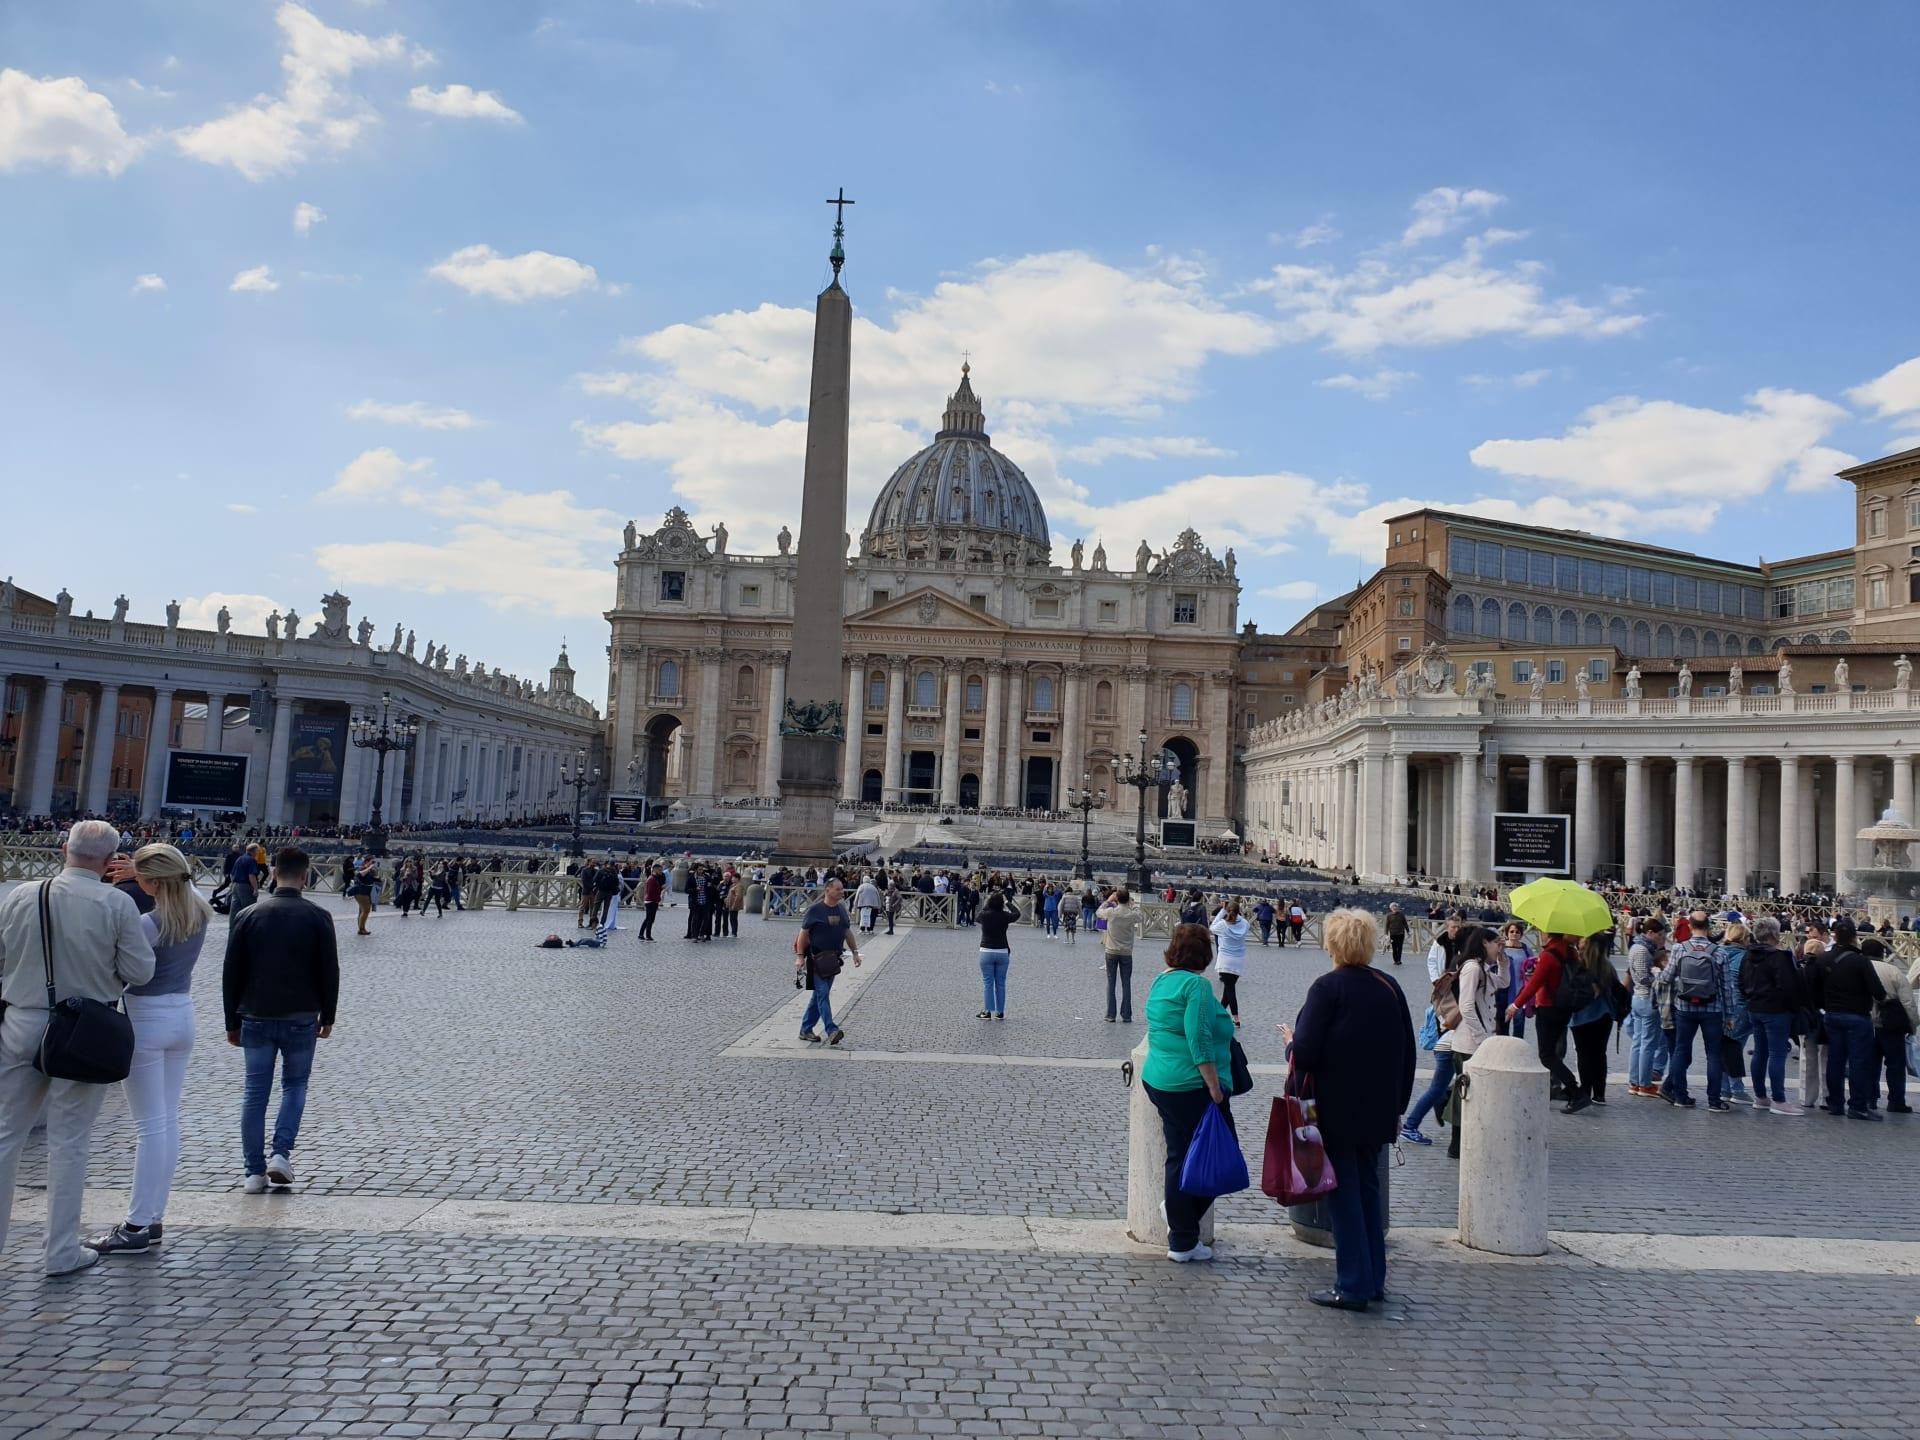 أجمل الأماكن التي يمكنك زيارتها في روما - كنيسة القديس بطرس